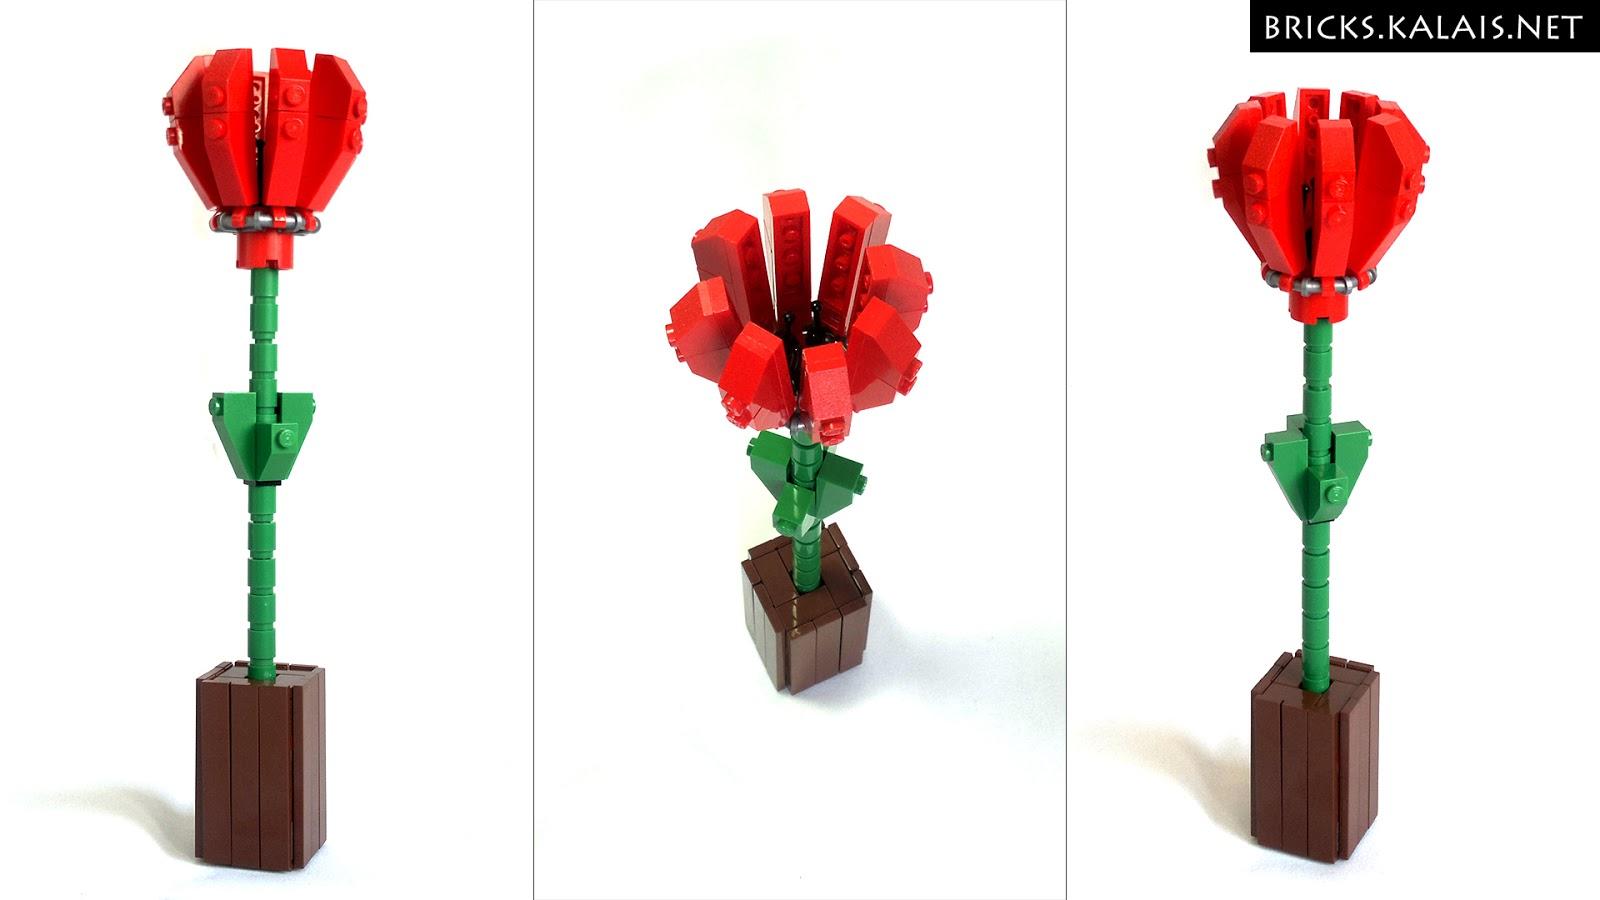 [MOC] LEGO flower